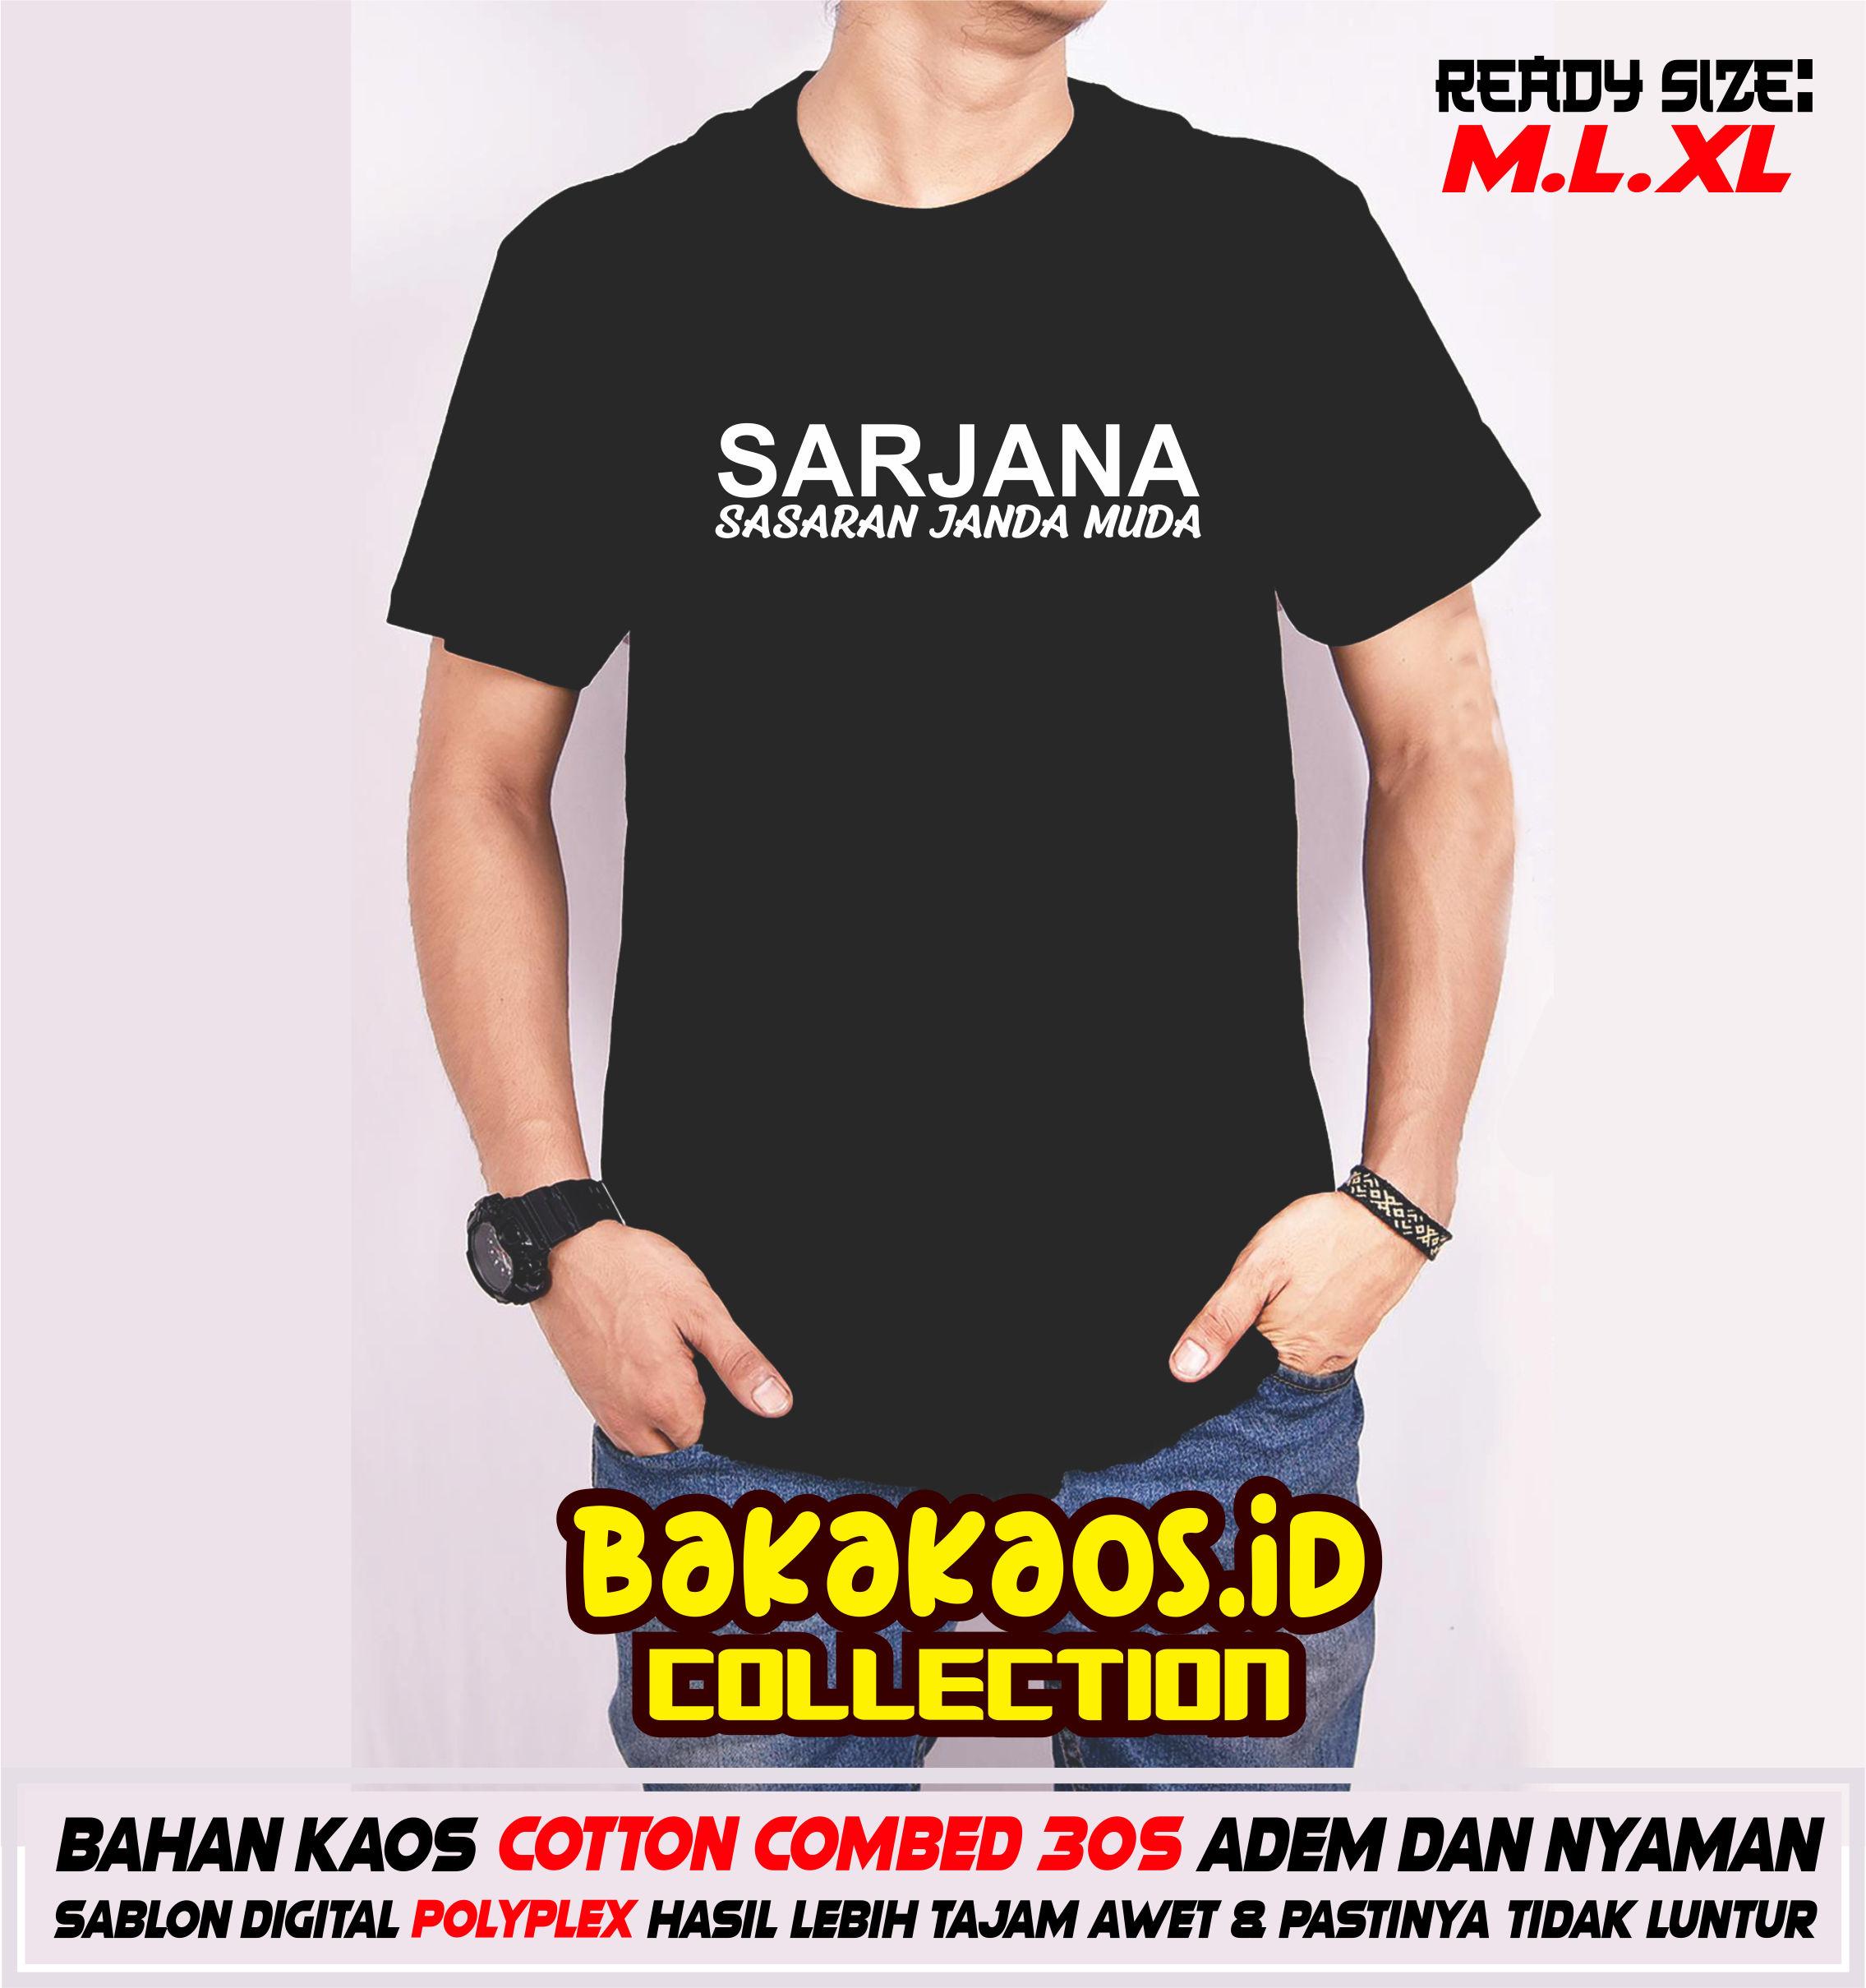 Pedagang Kaos T Shirt Kaos Casual Kaos Expresi Kaos Tulisan Kaos Lucu Kaos Kata Sarjana Sasaran Janda Muda Lazada Indonesia